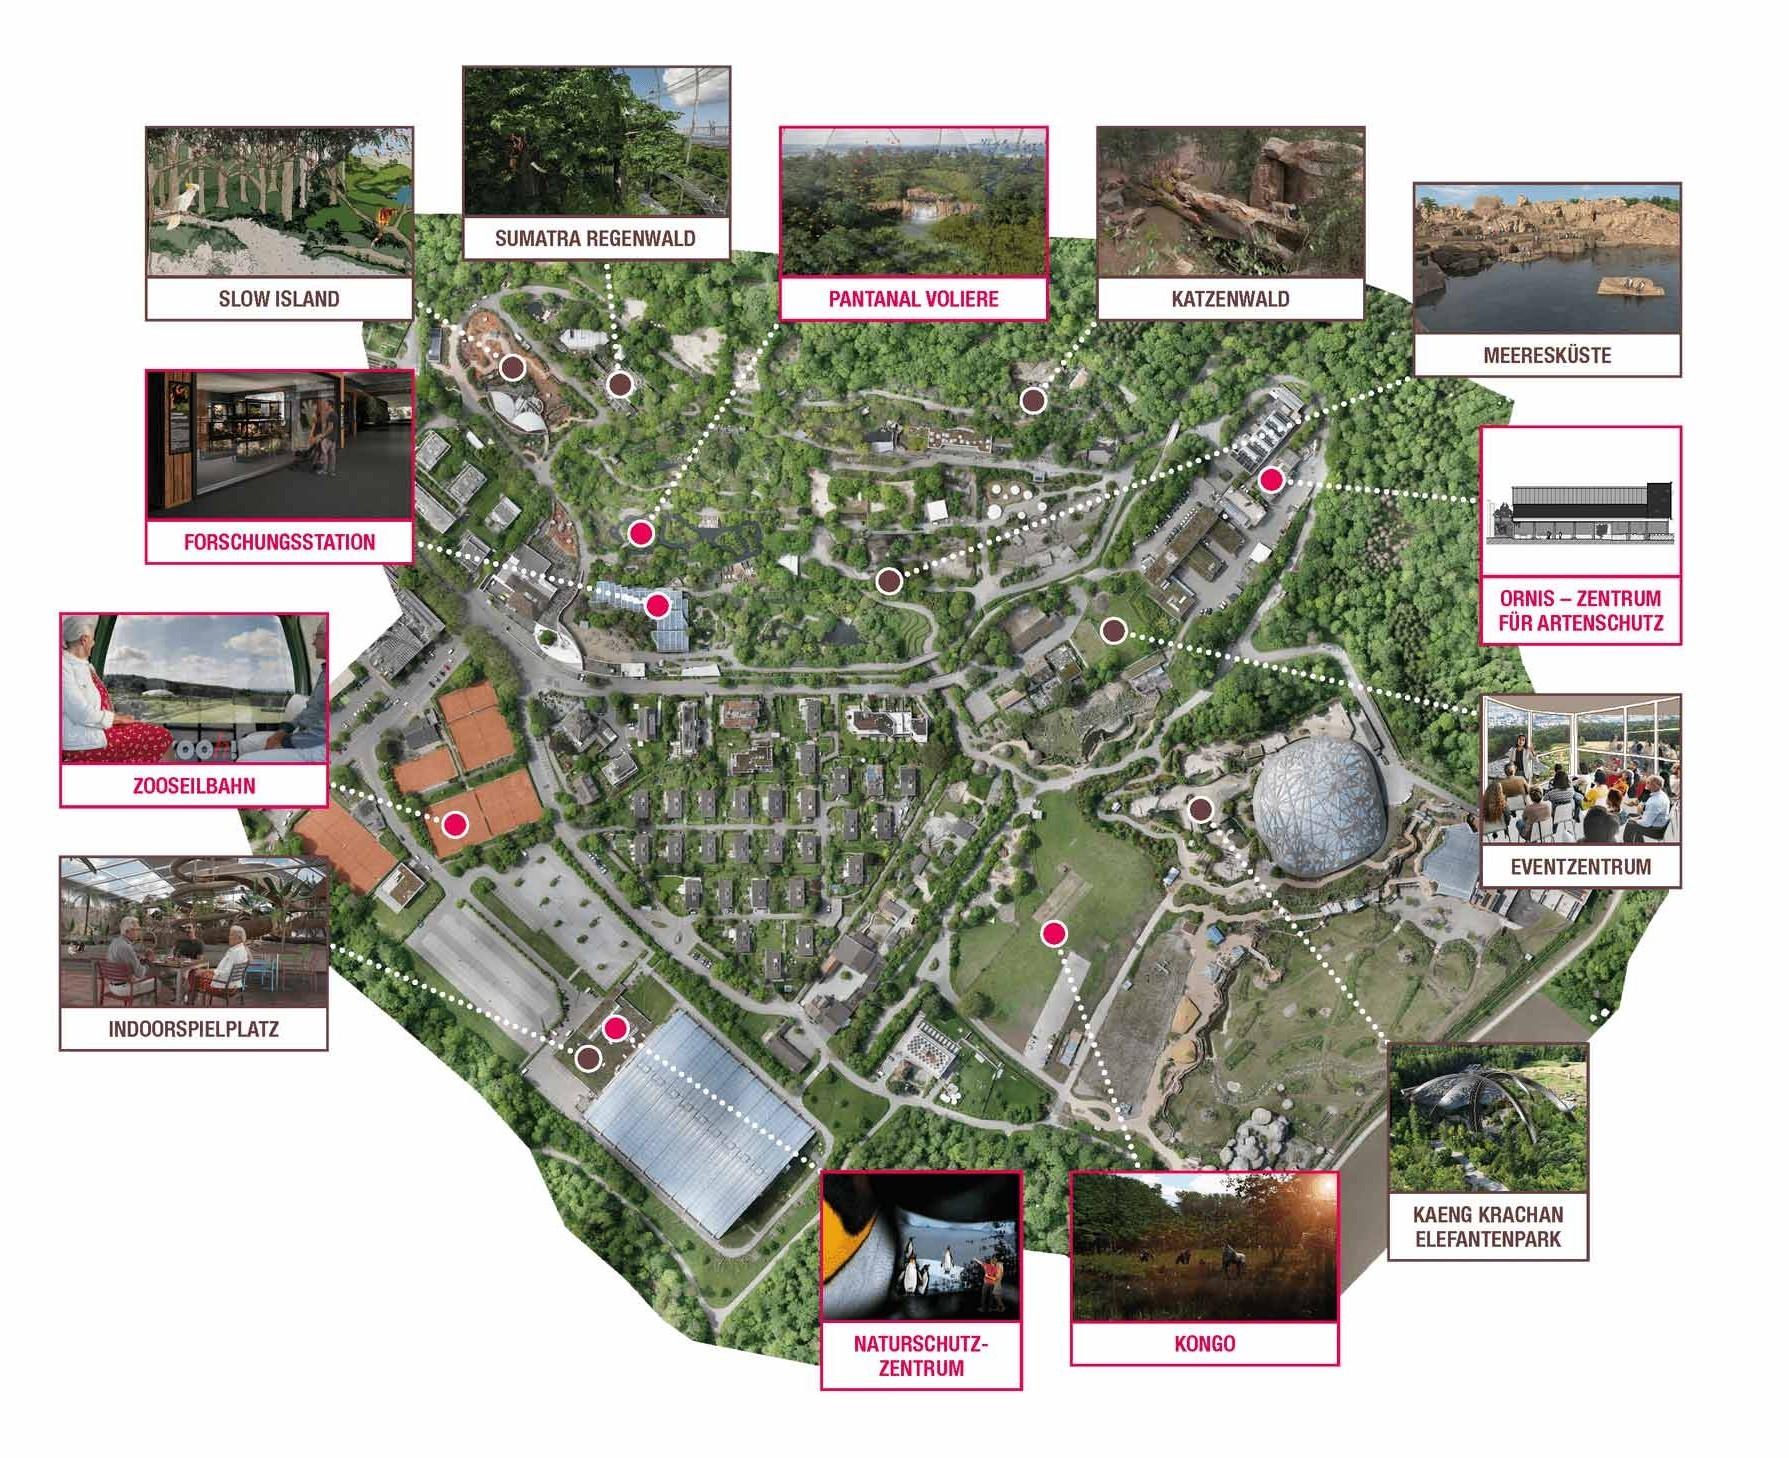 Les projets de construction en un coup d'œil. Les projets jusqu'en 2030 (en rouge) font déjà l'objet d'une planification concrète, les projets à partir de 2031 (en brun) sont en phase de conception étendue.